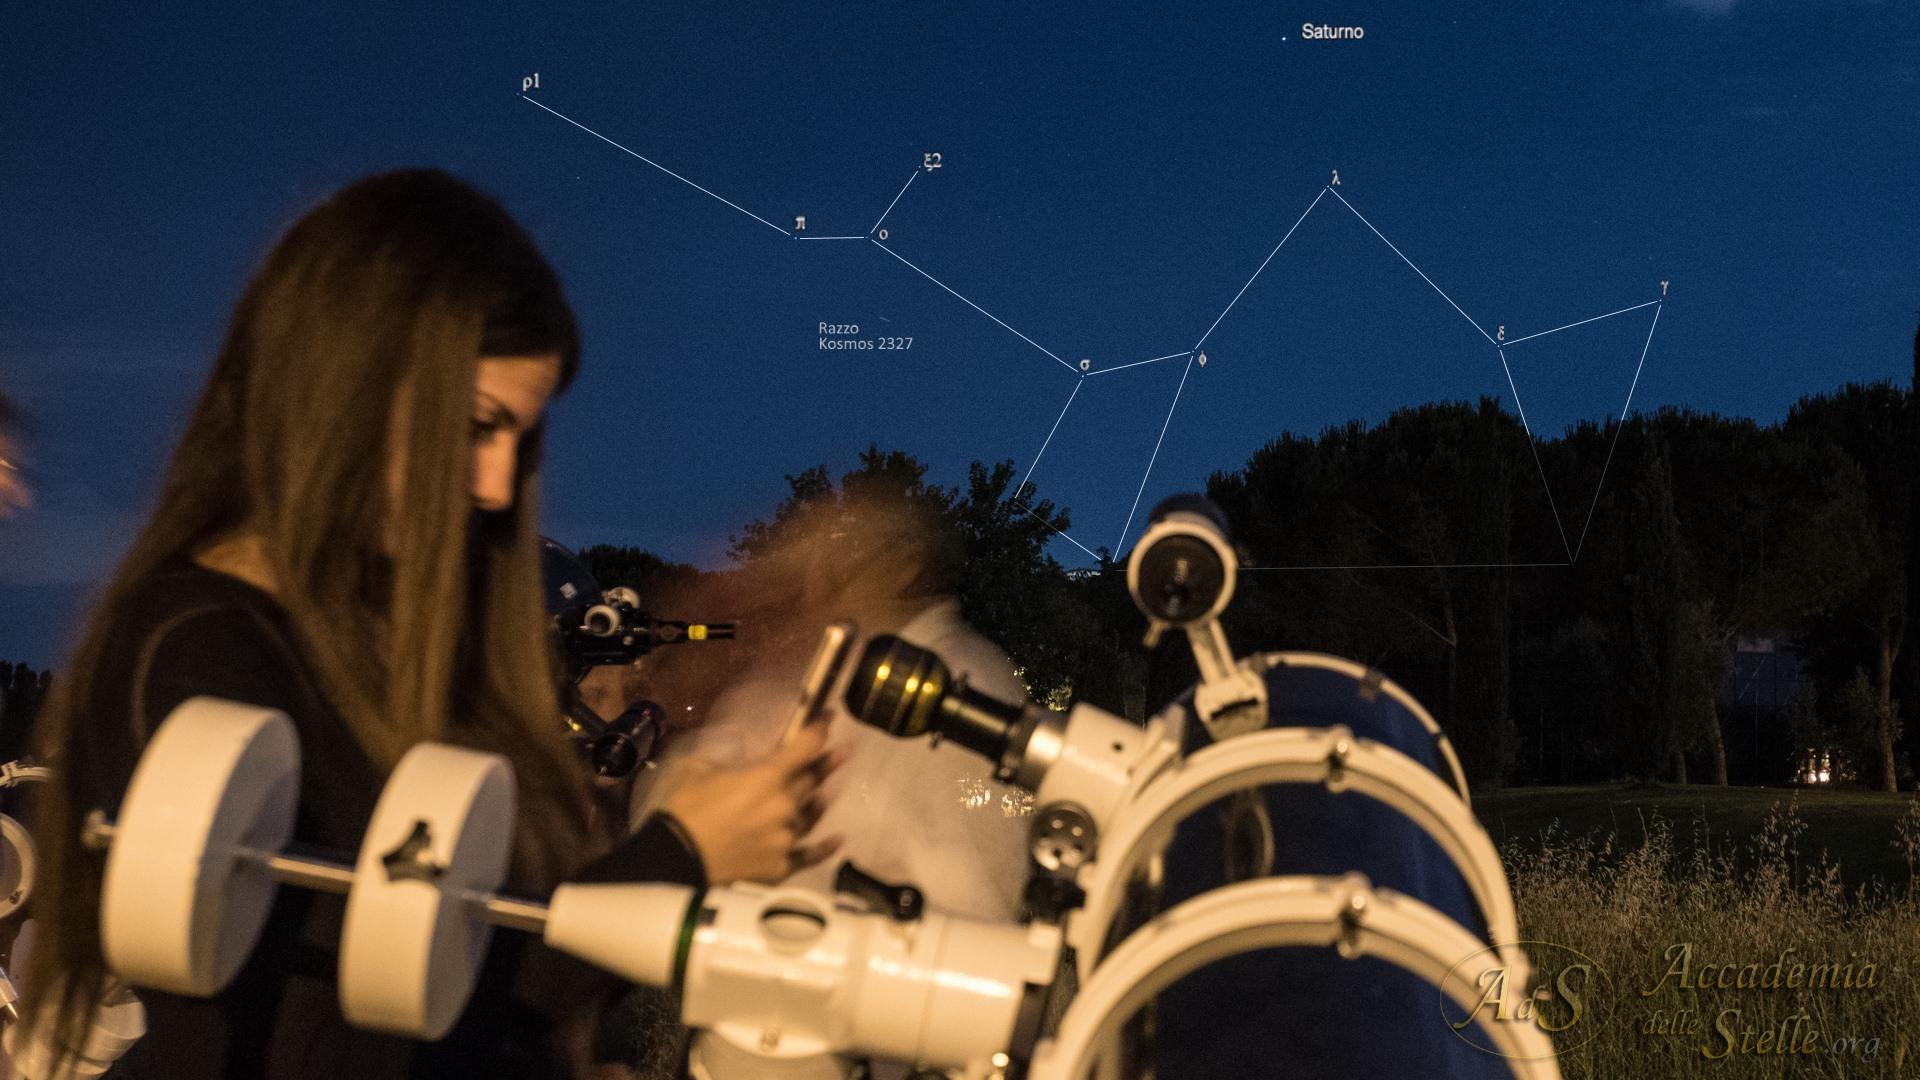 """Fotografando Saturno con il cellulare. Il pianeta spicca sopra la """"Teiera"""" nella costellazione del Sagittario. Ciò che resta di un razzo russo lanciato oltre 20 anni fa lascia la sua scia tra le stelle durante questa foto ricordo della serata."""